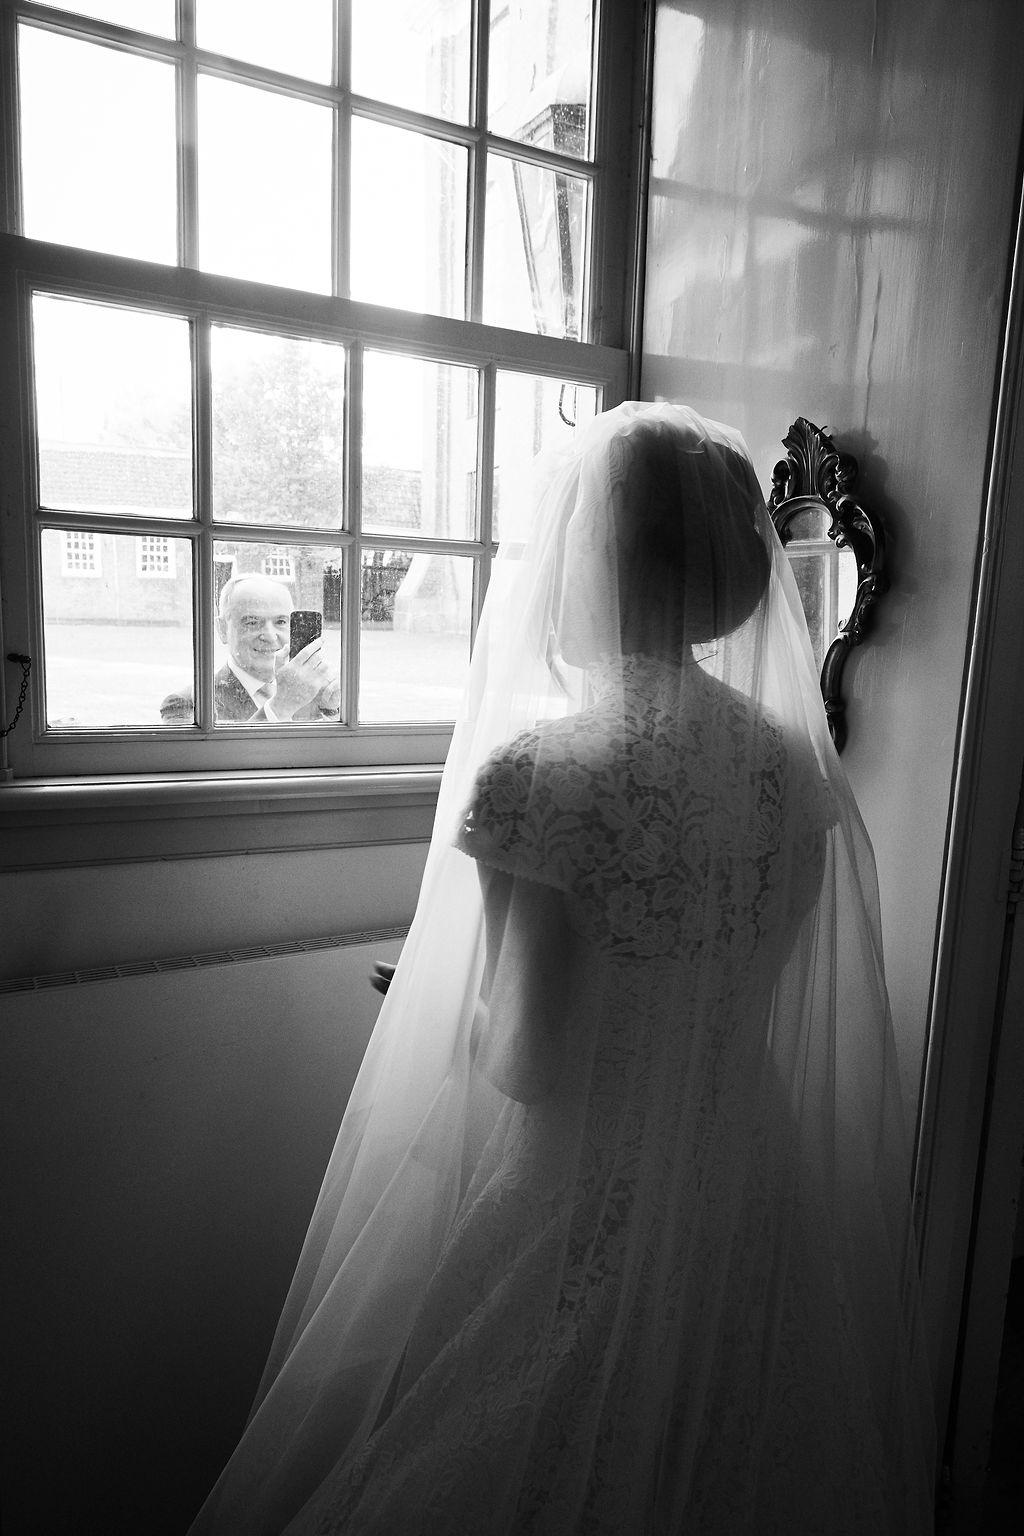 Photo: Jacob van Rozelaar